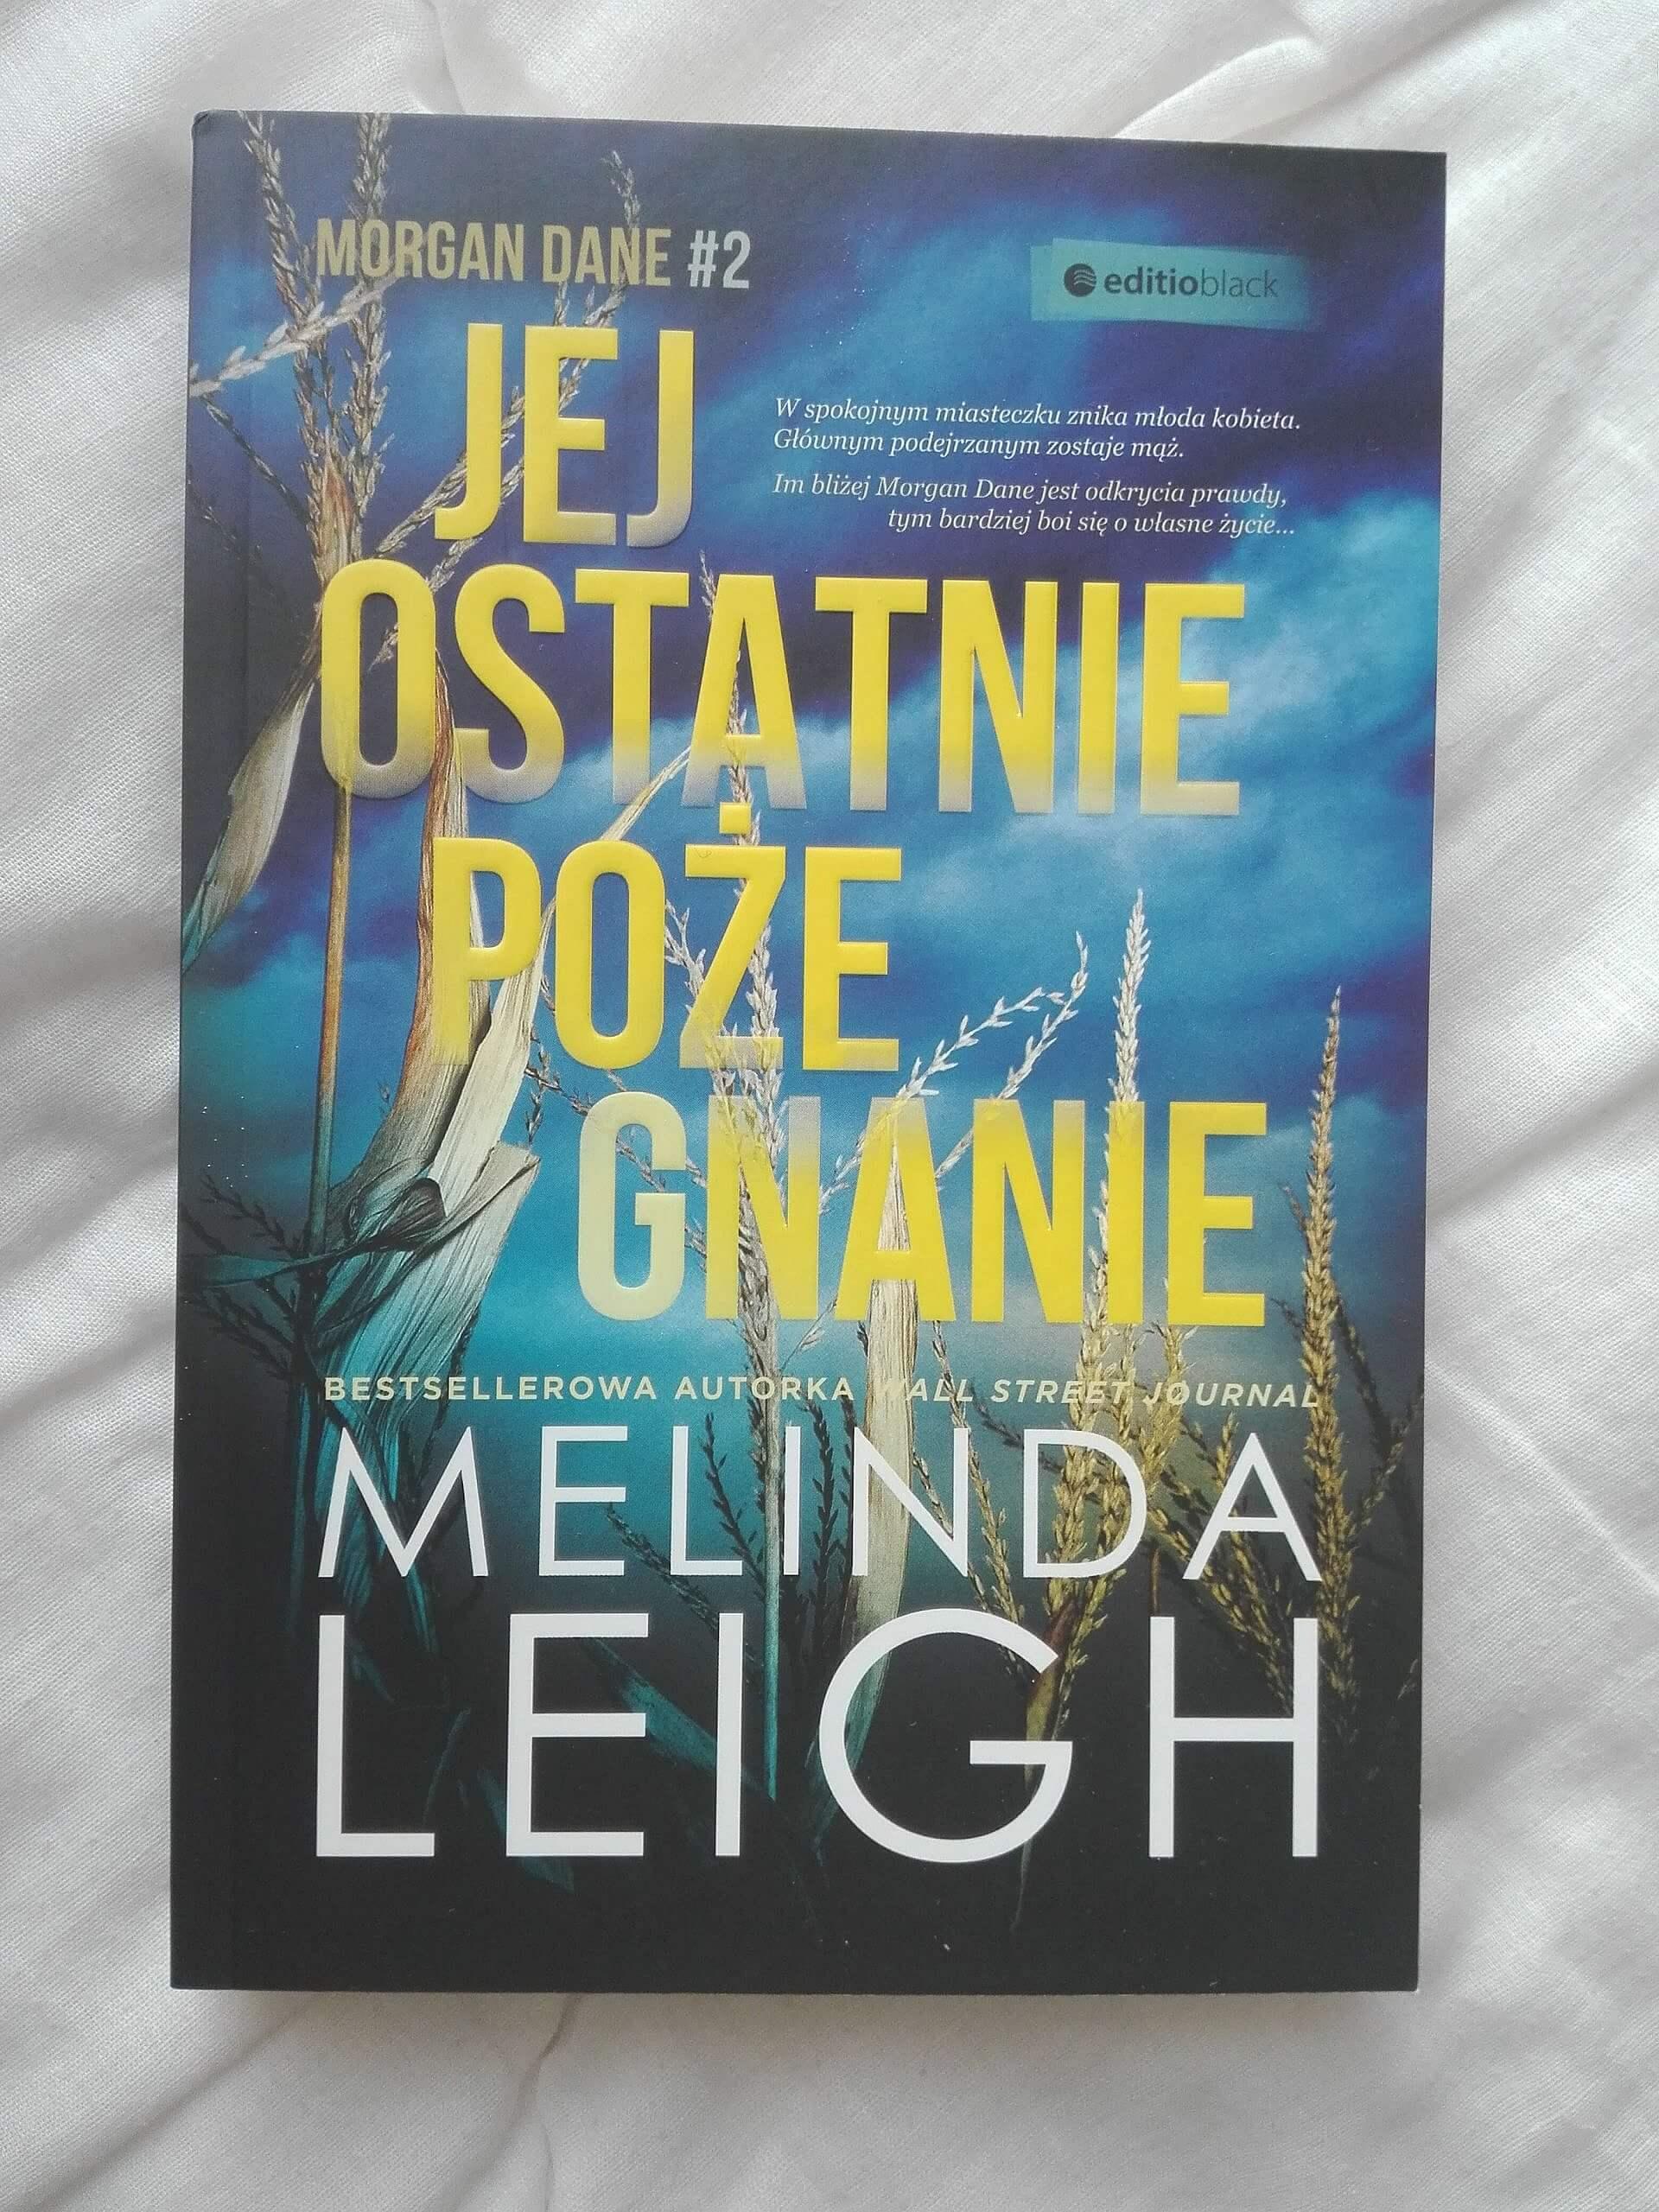 IMG 20191123 111533 scaled - Jej ostatnie pożegnanie - Melinda Leigh